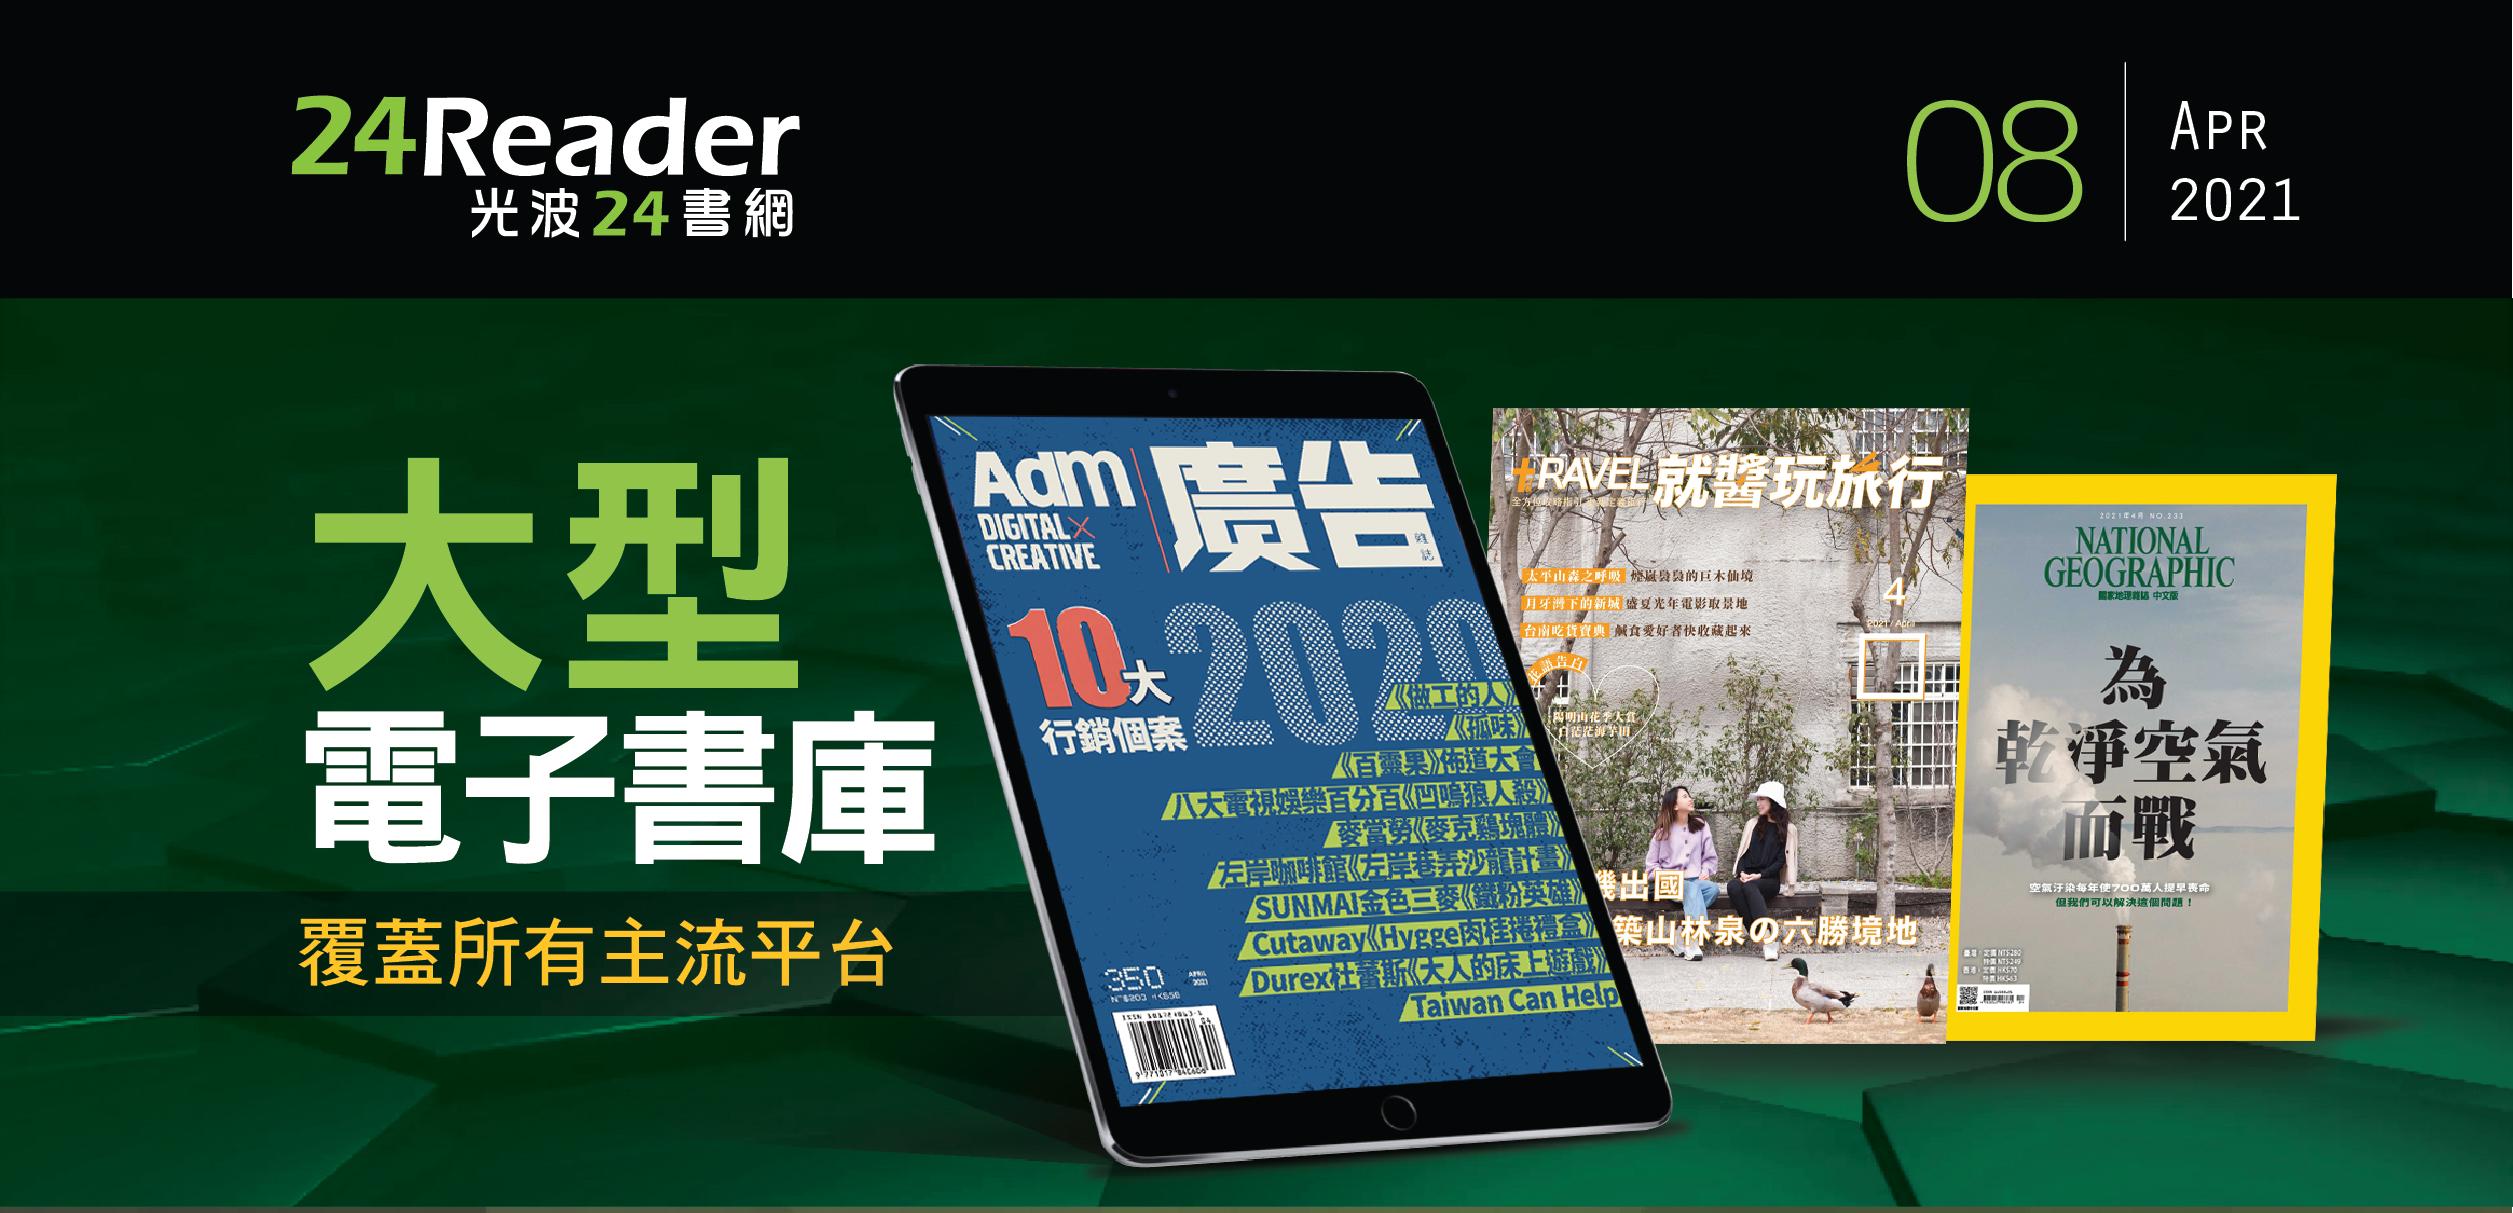 《廣告雜誌Adm》再次翻轉你的行銷新想法!「10大案例」等著你來拆解!